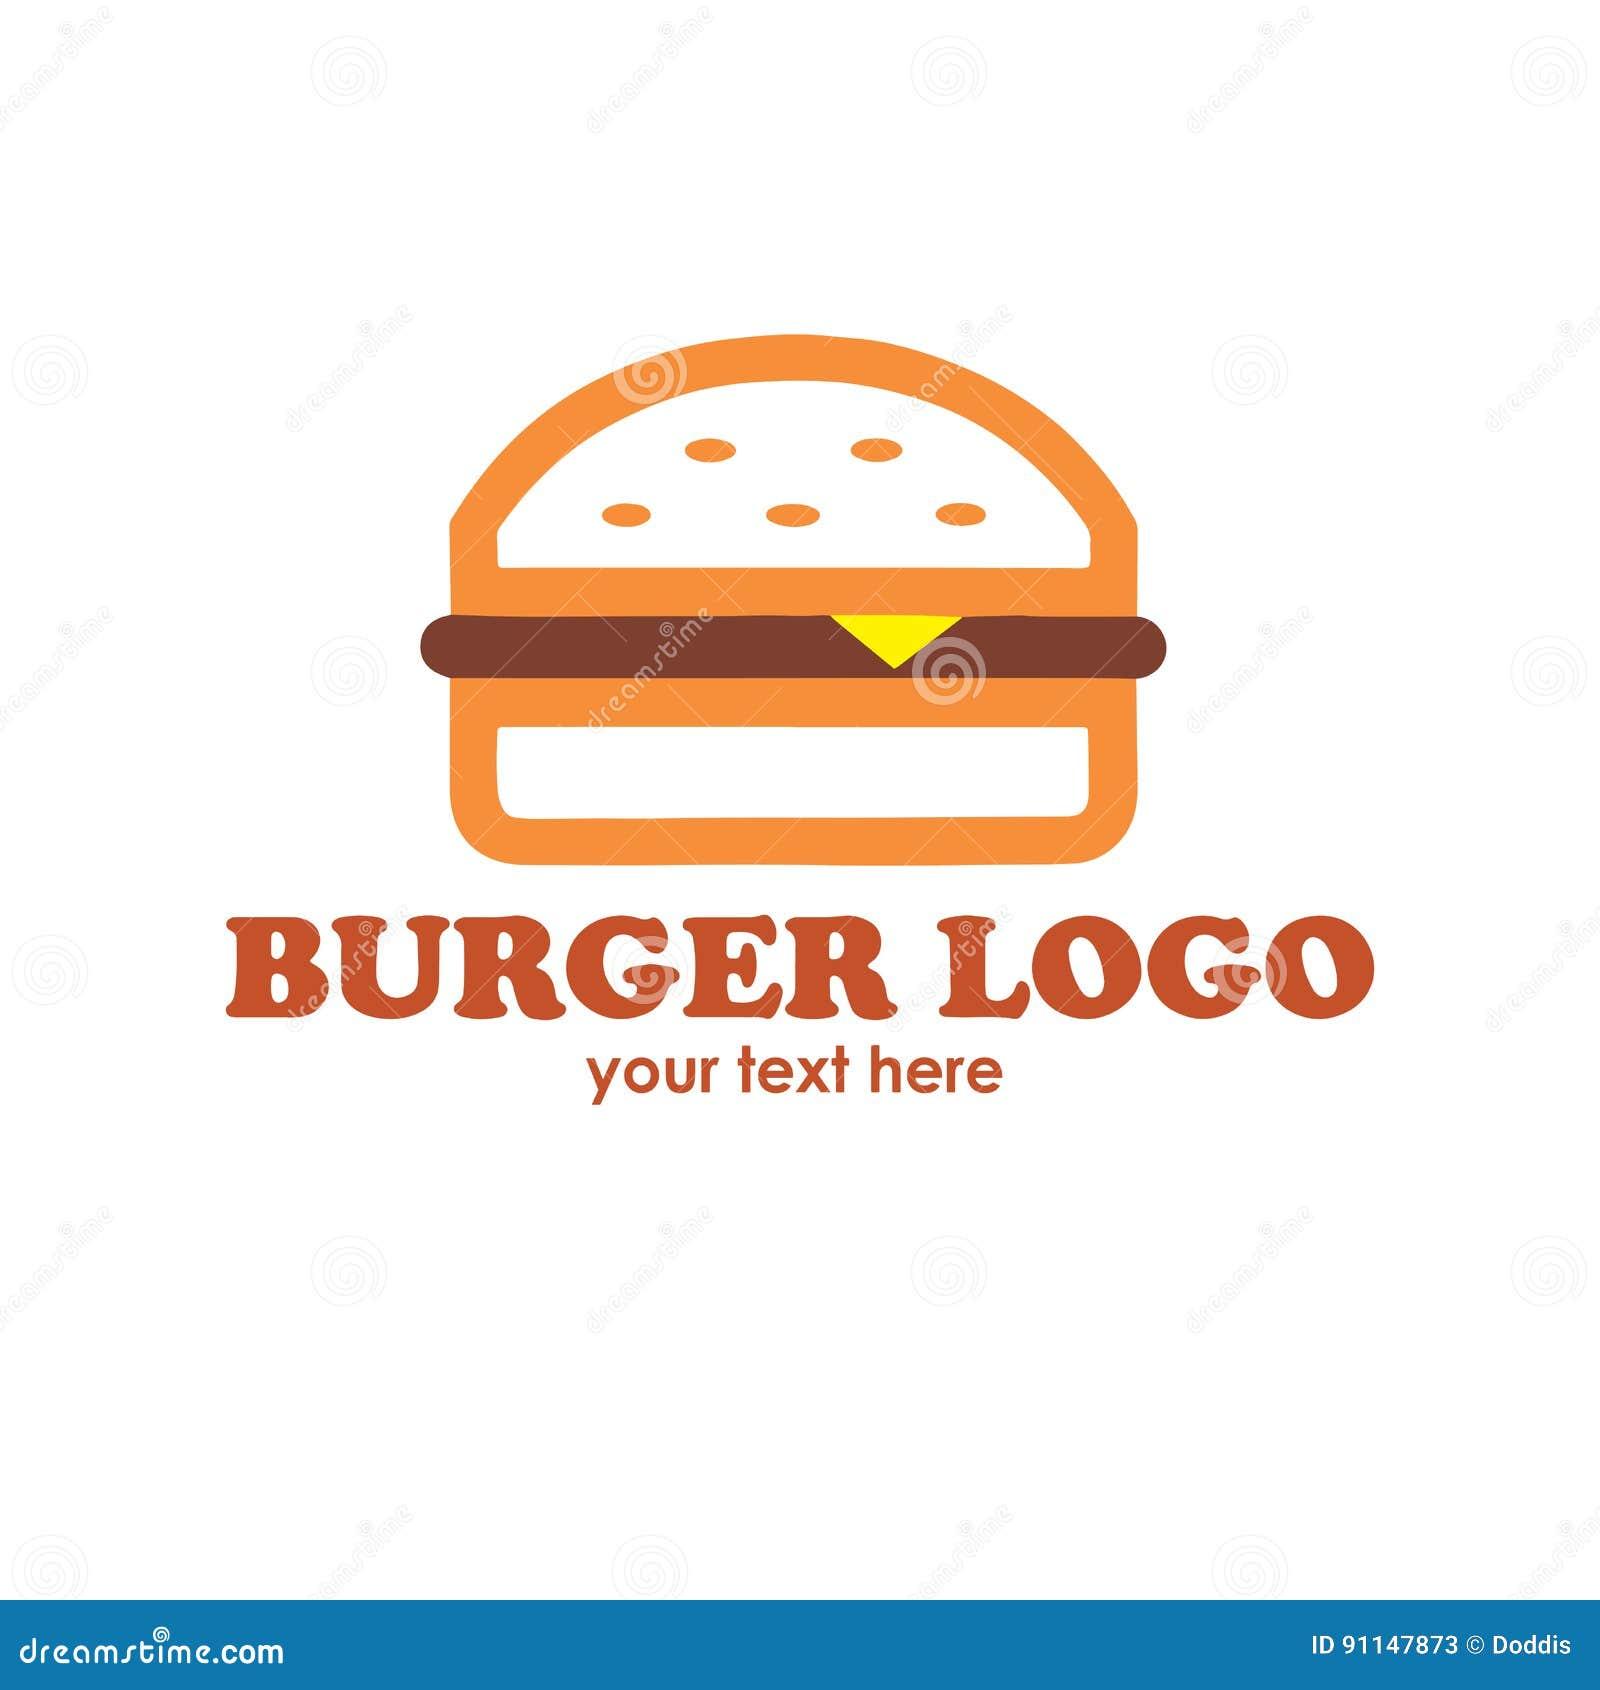 burger text